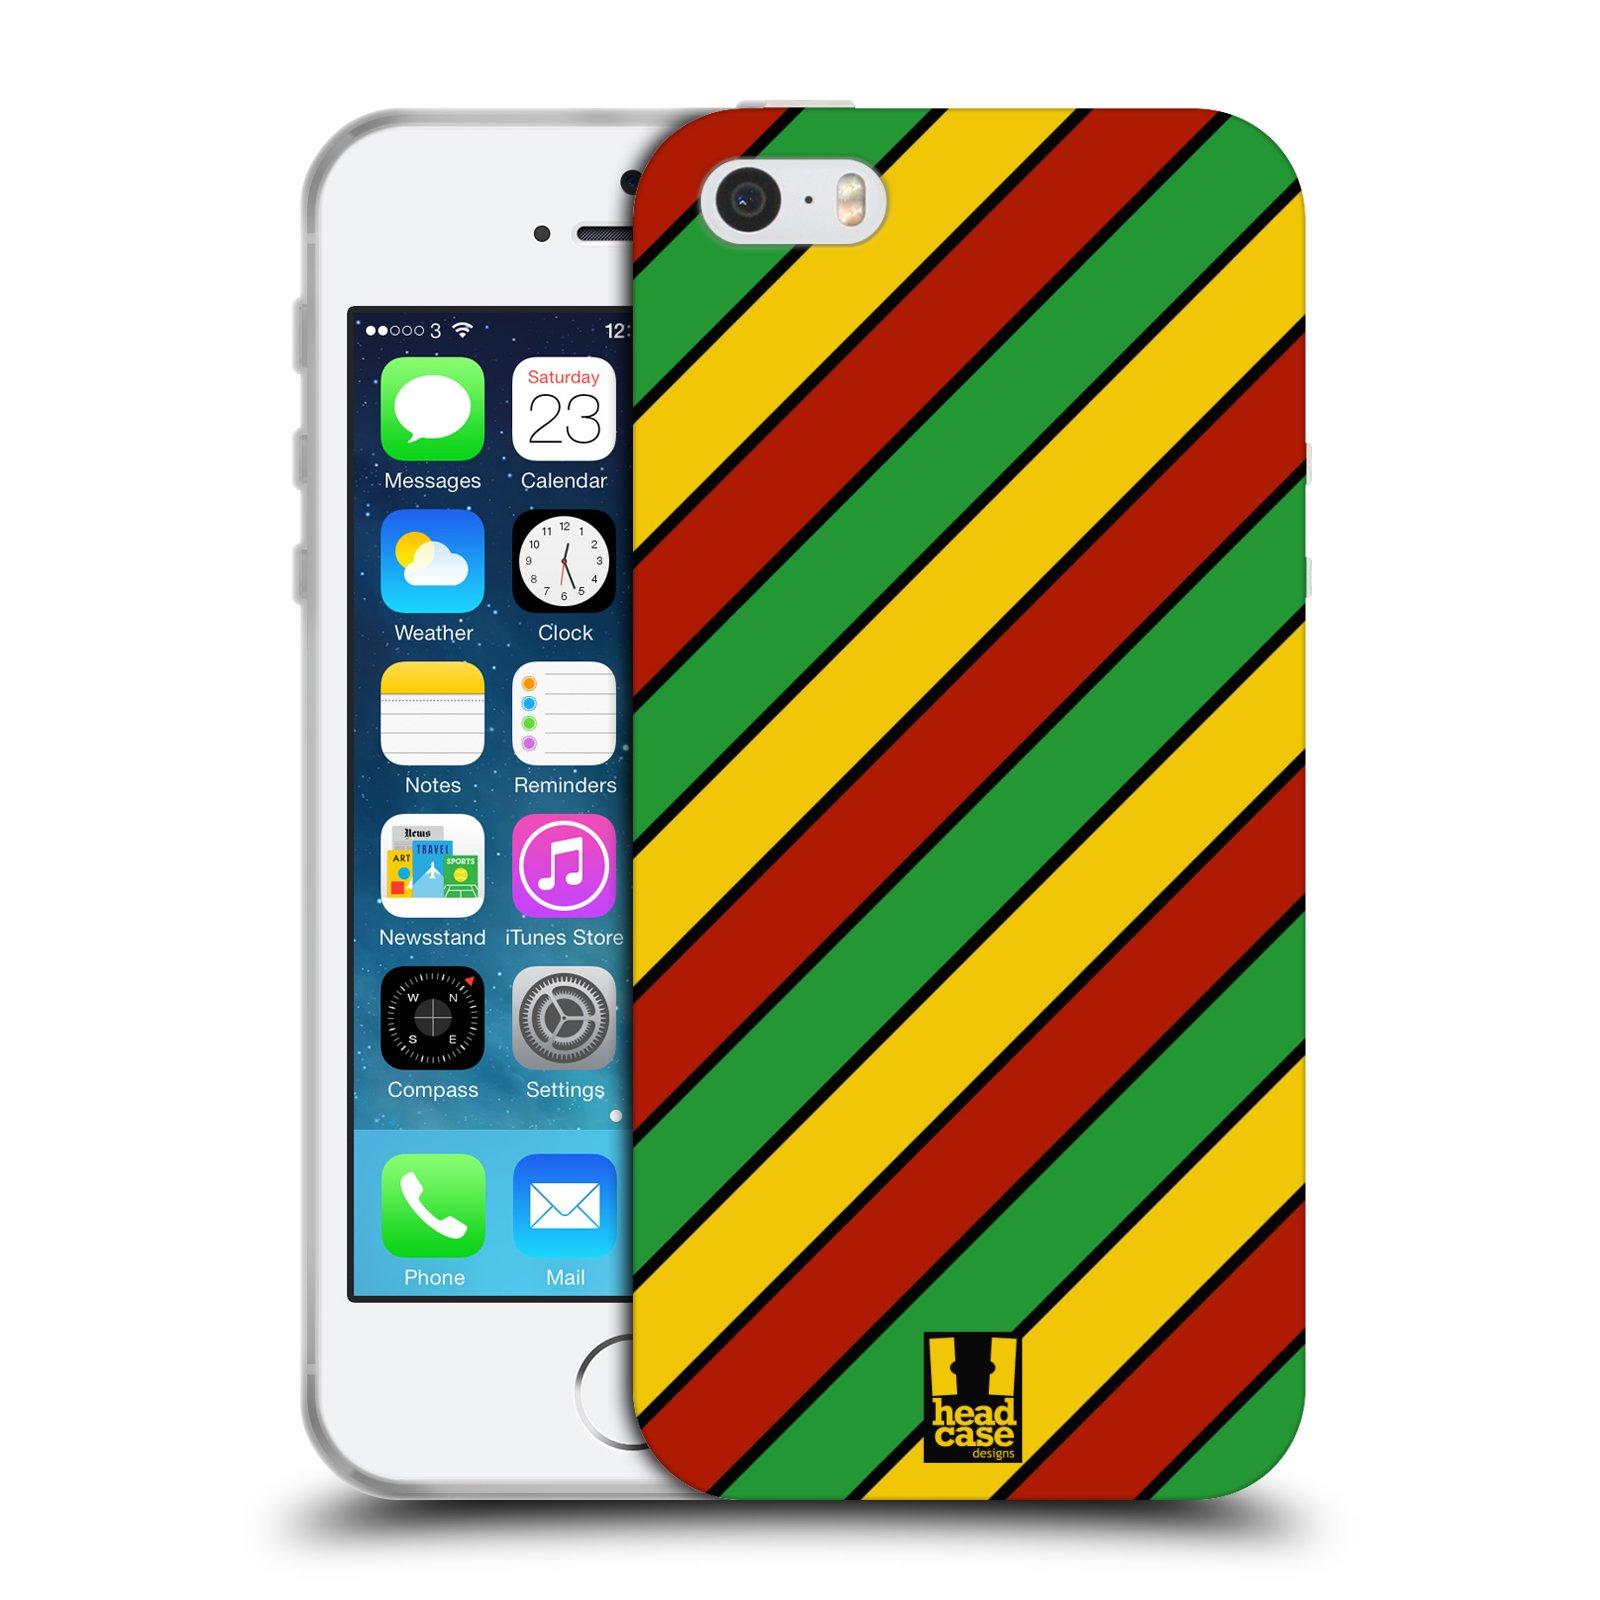 HEAD CASE silikonový obal na mobil Apple Iphone 5/5S vzor Rasta barevné vzory PRUHY